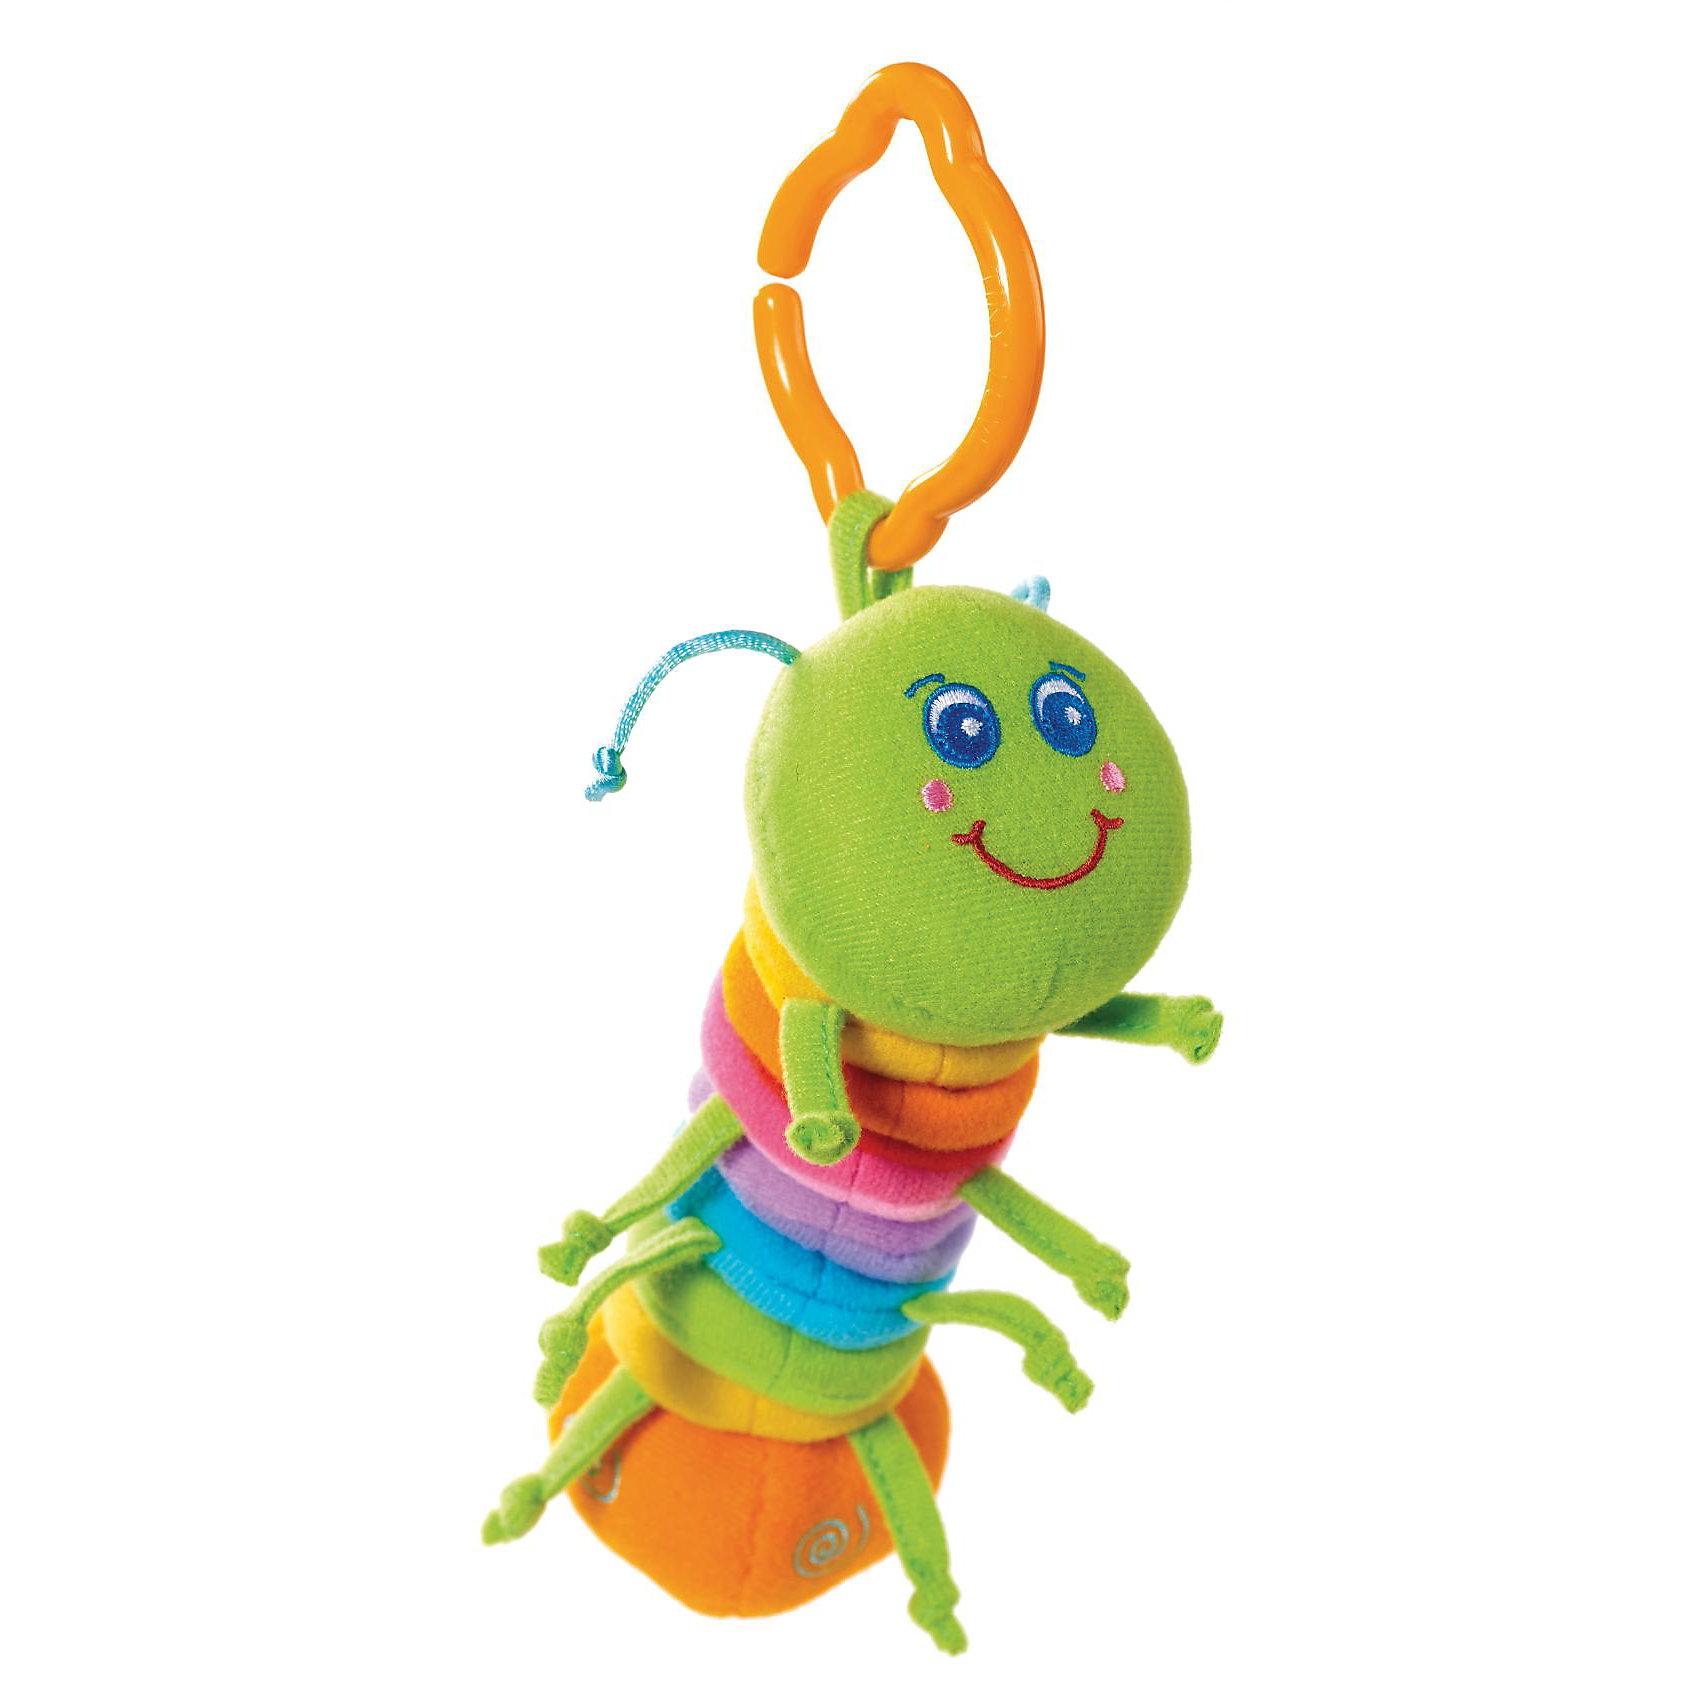 Tiny Love Развивающая игрушка Гусеничка, Tiny Love игрушки подвески tiny love подвеска гусеничка